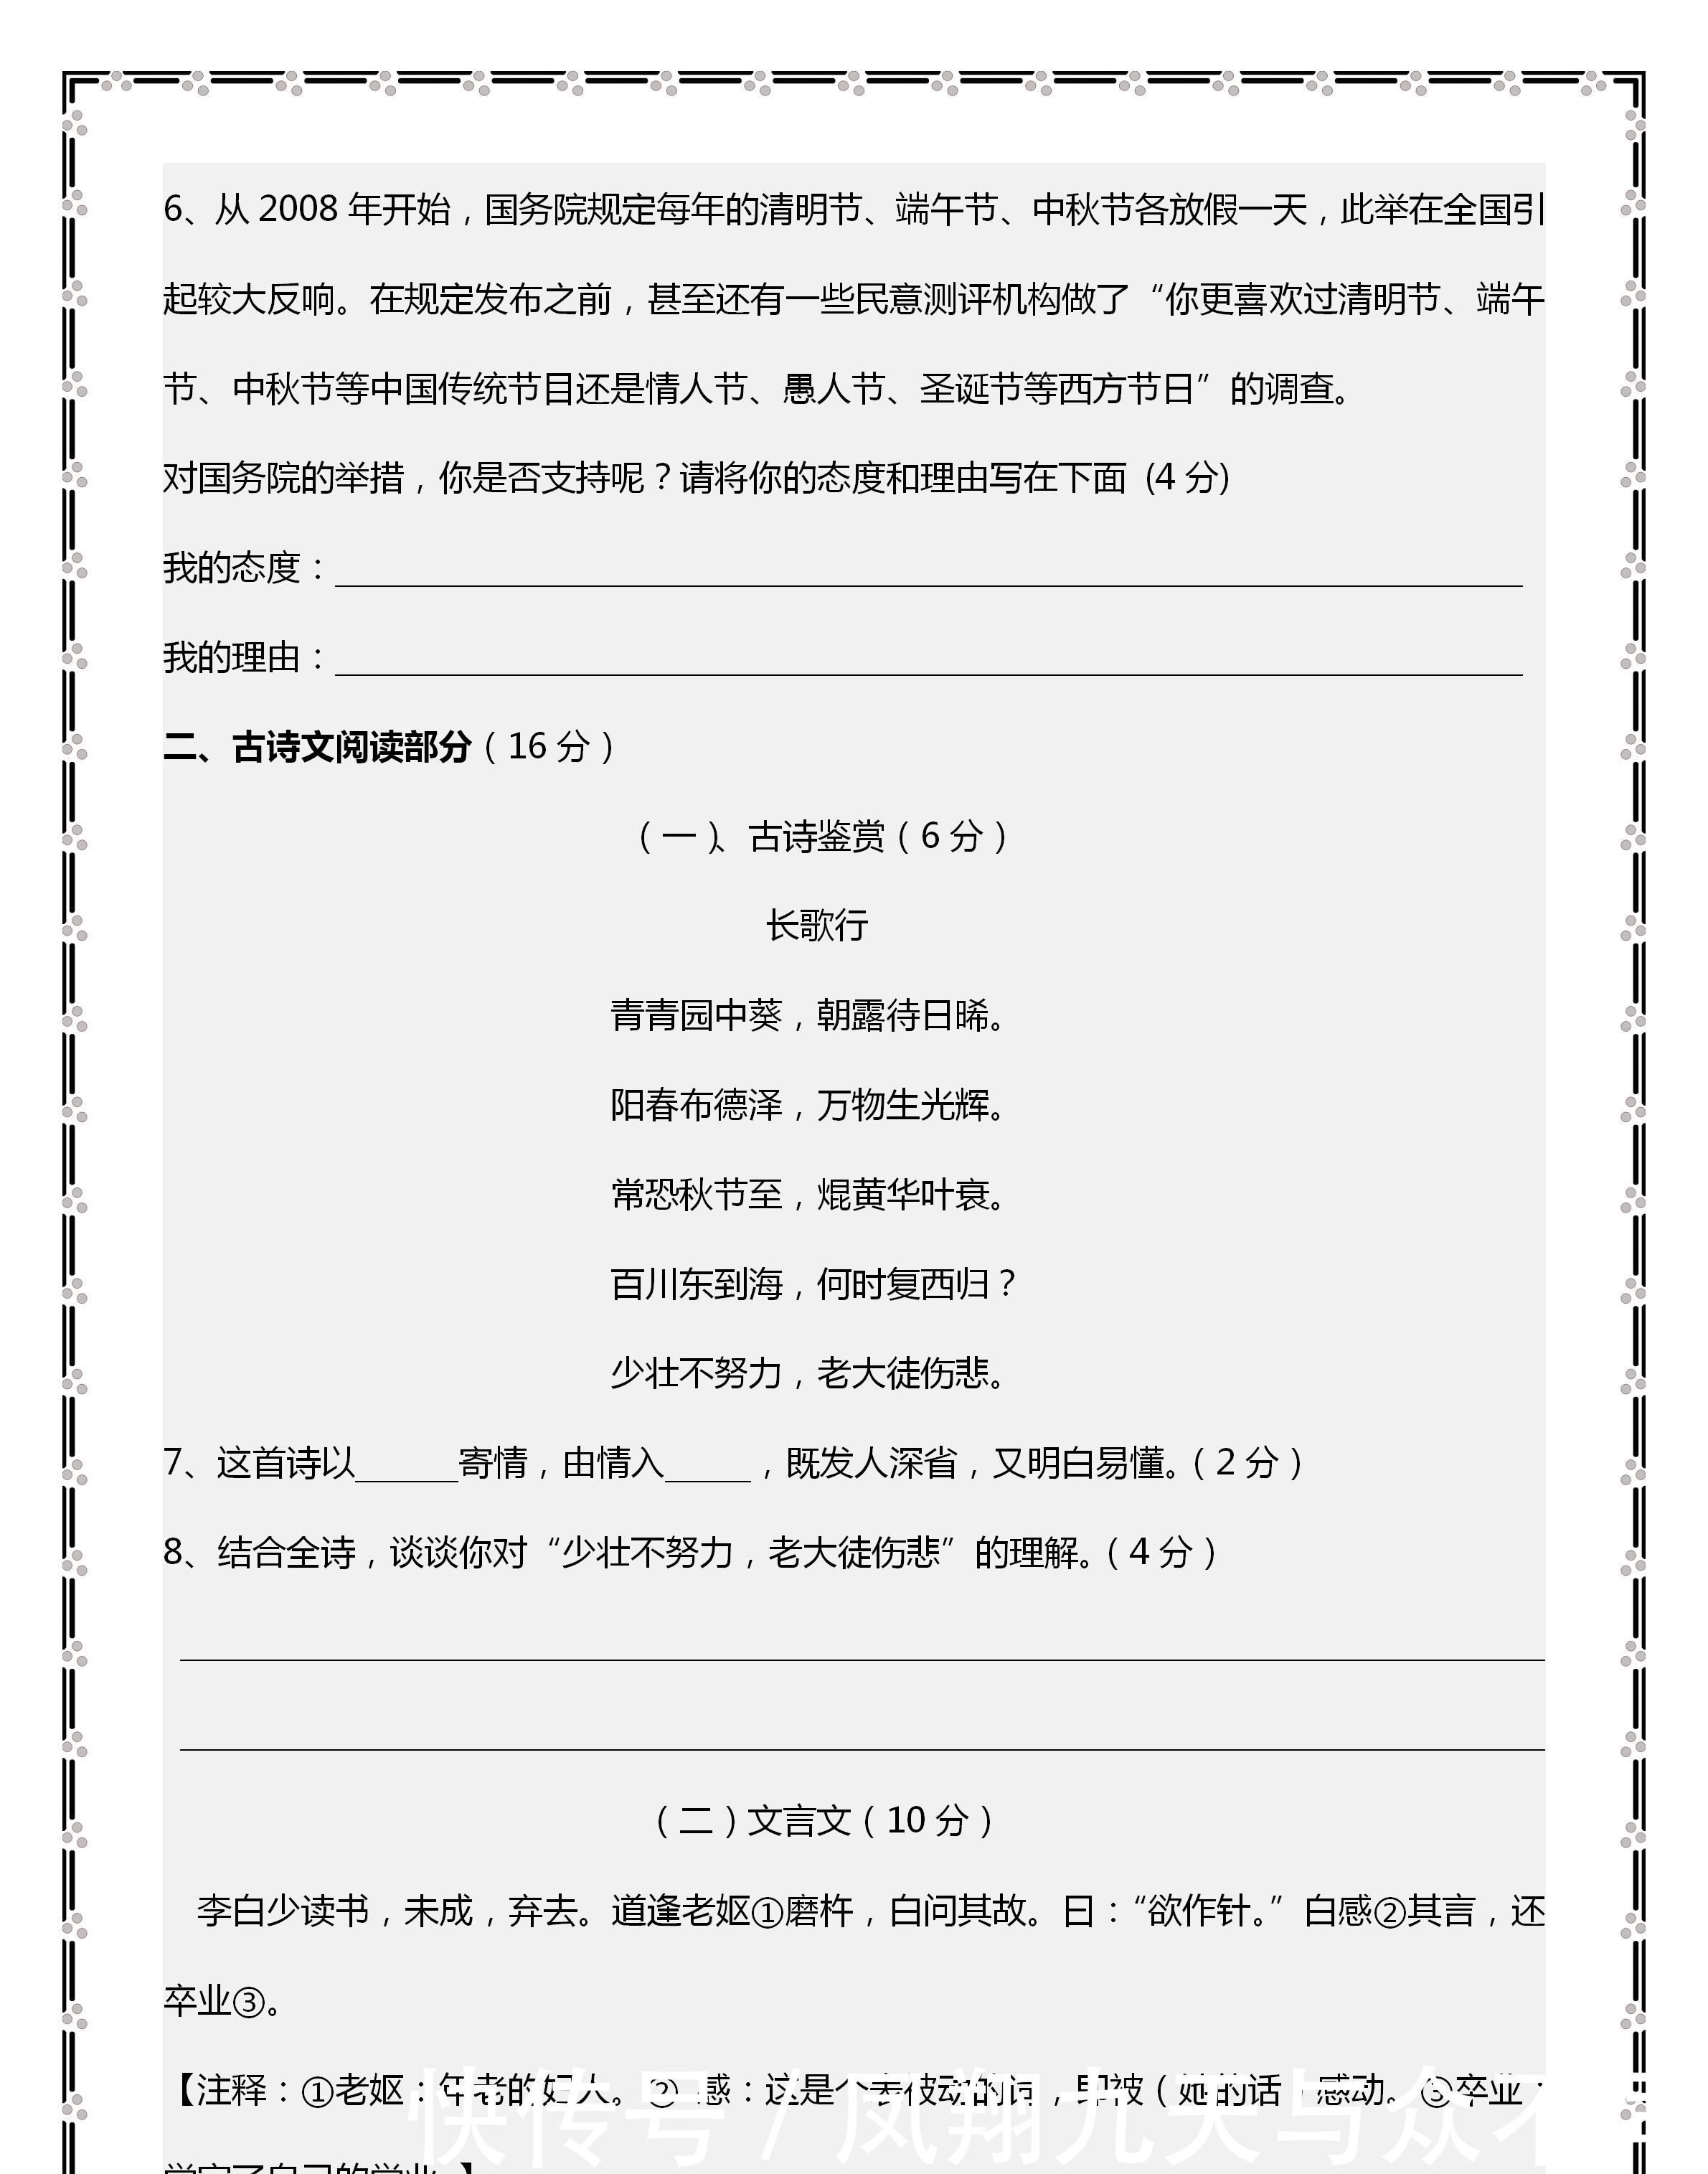 2019年考试语文